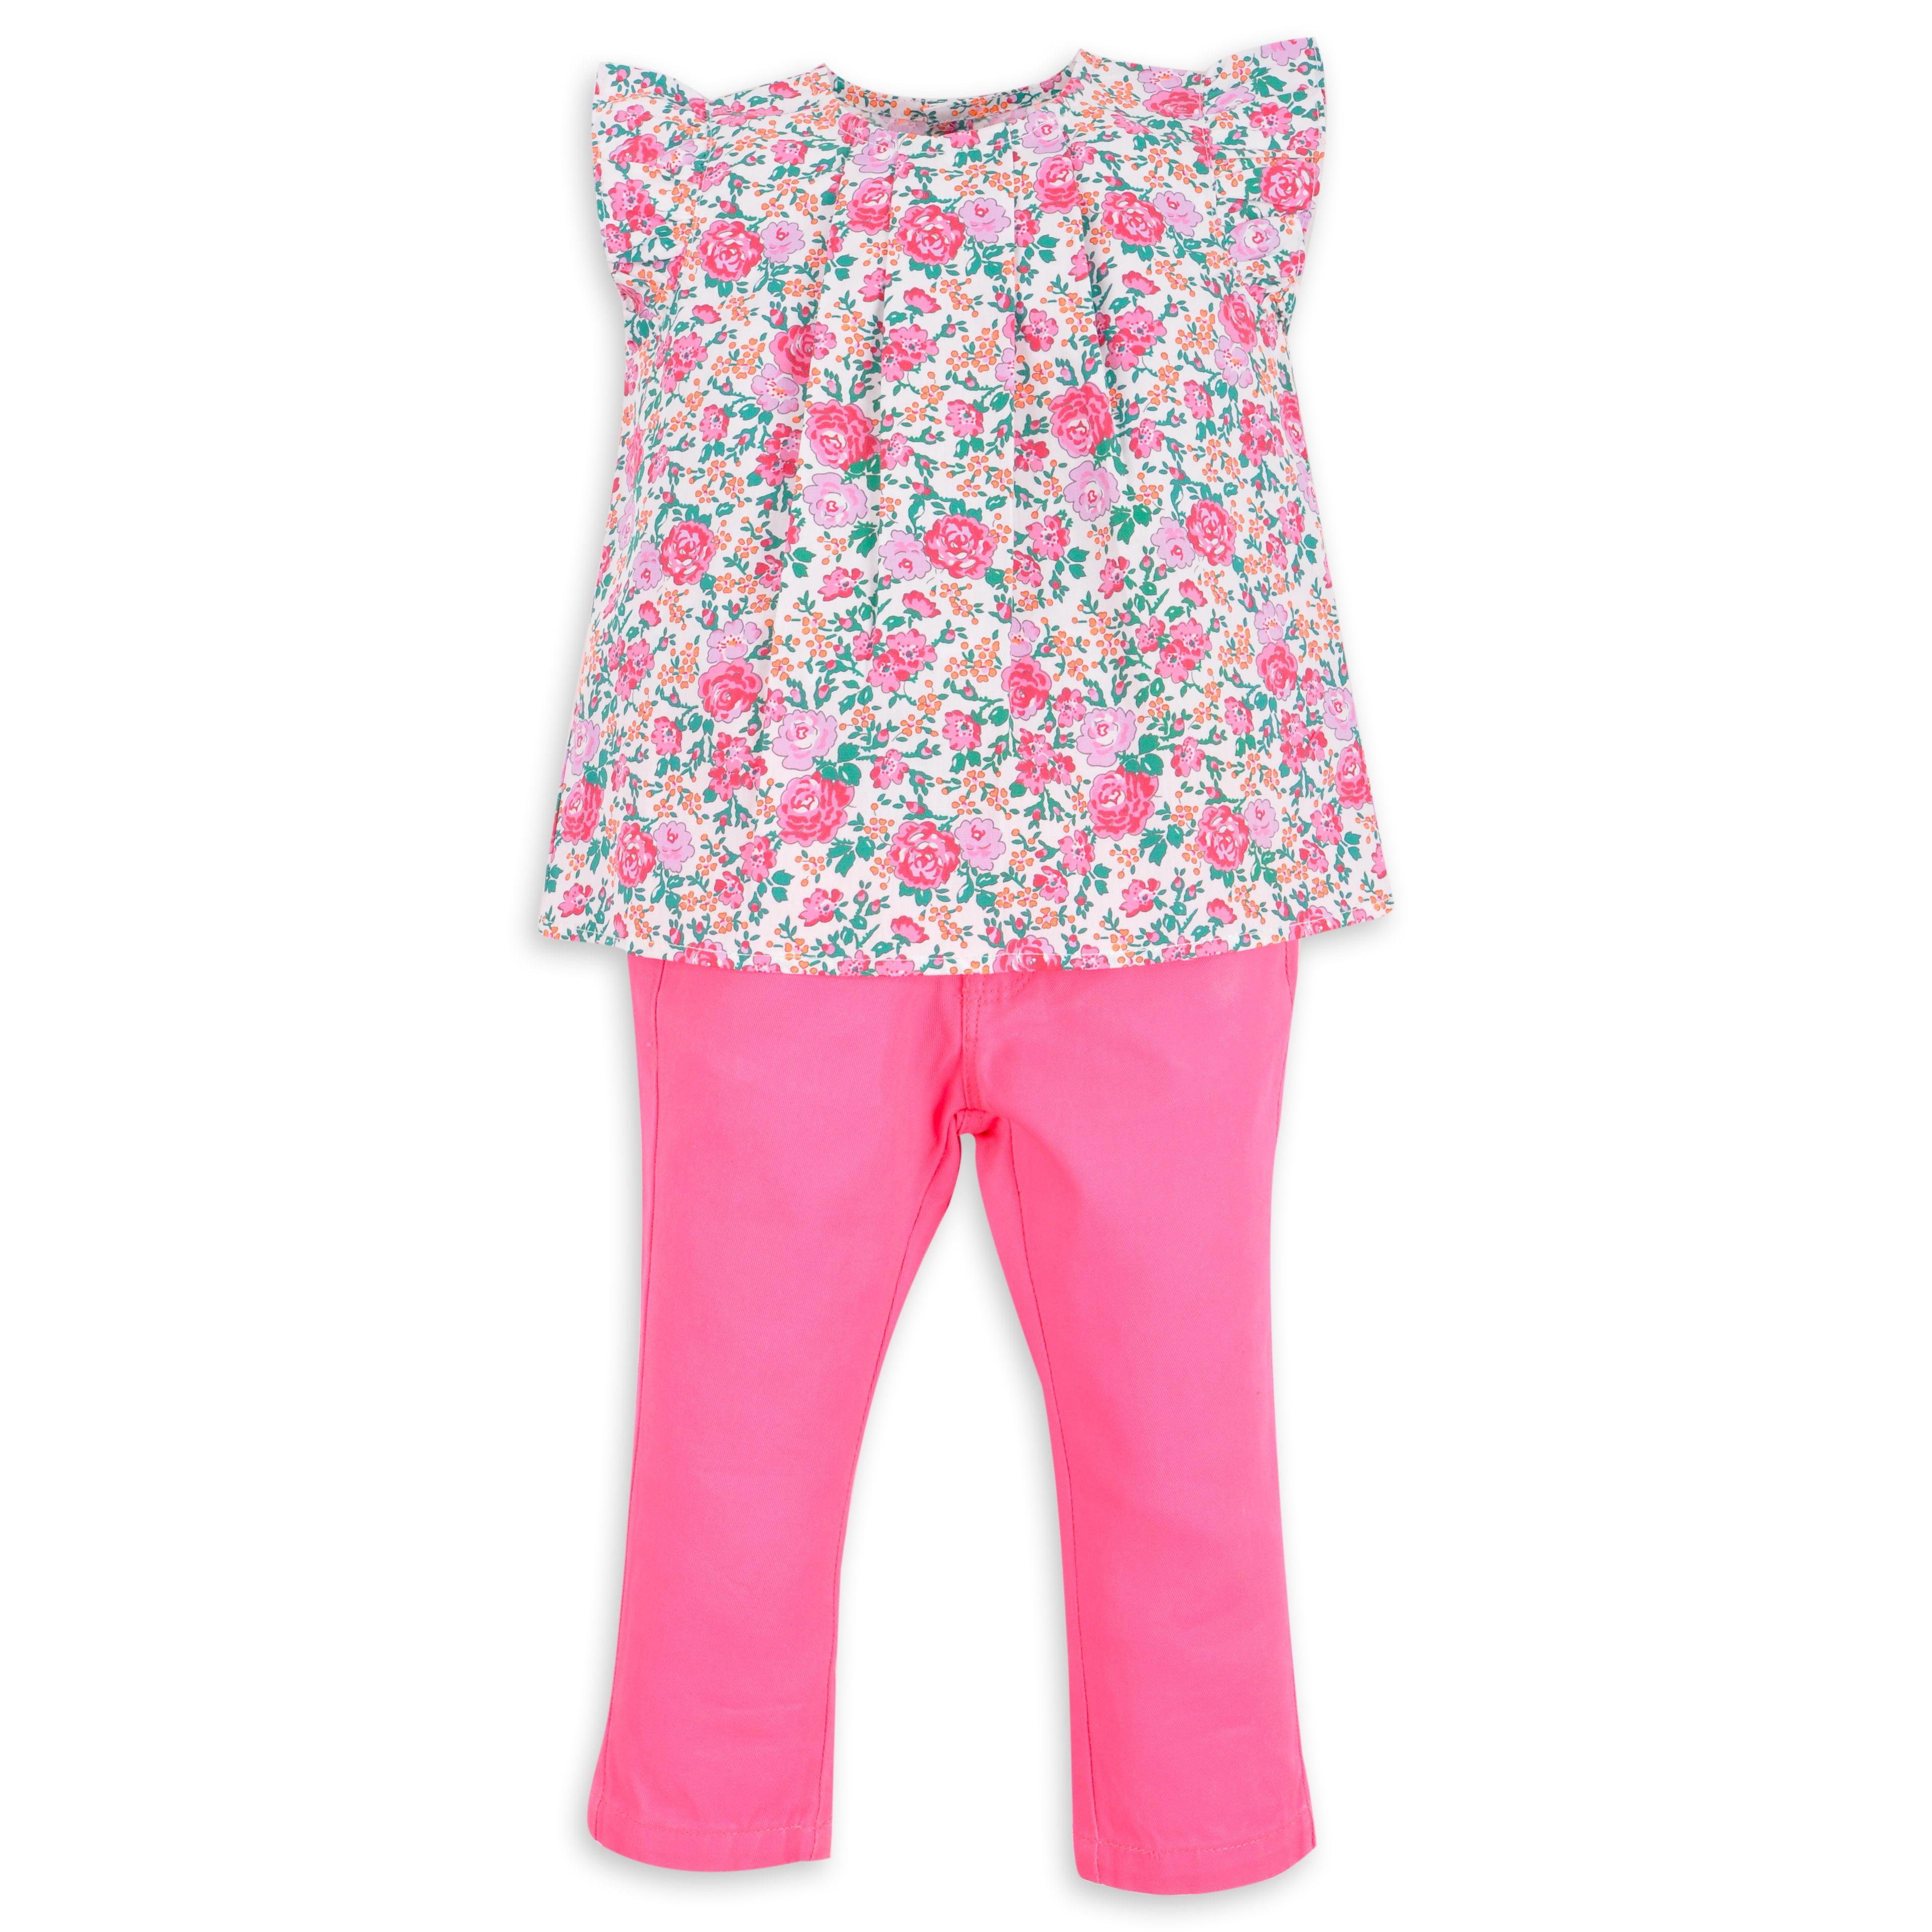 c5a12ef56 Blusa EPK para bebé niña con estampado floral. | infantil ...